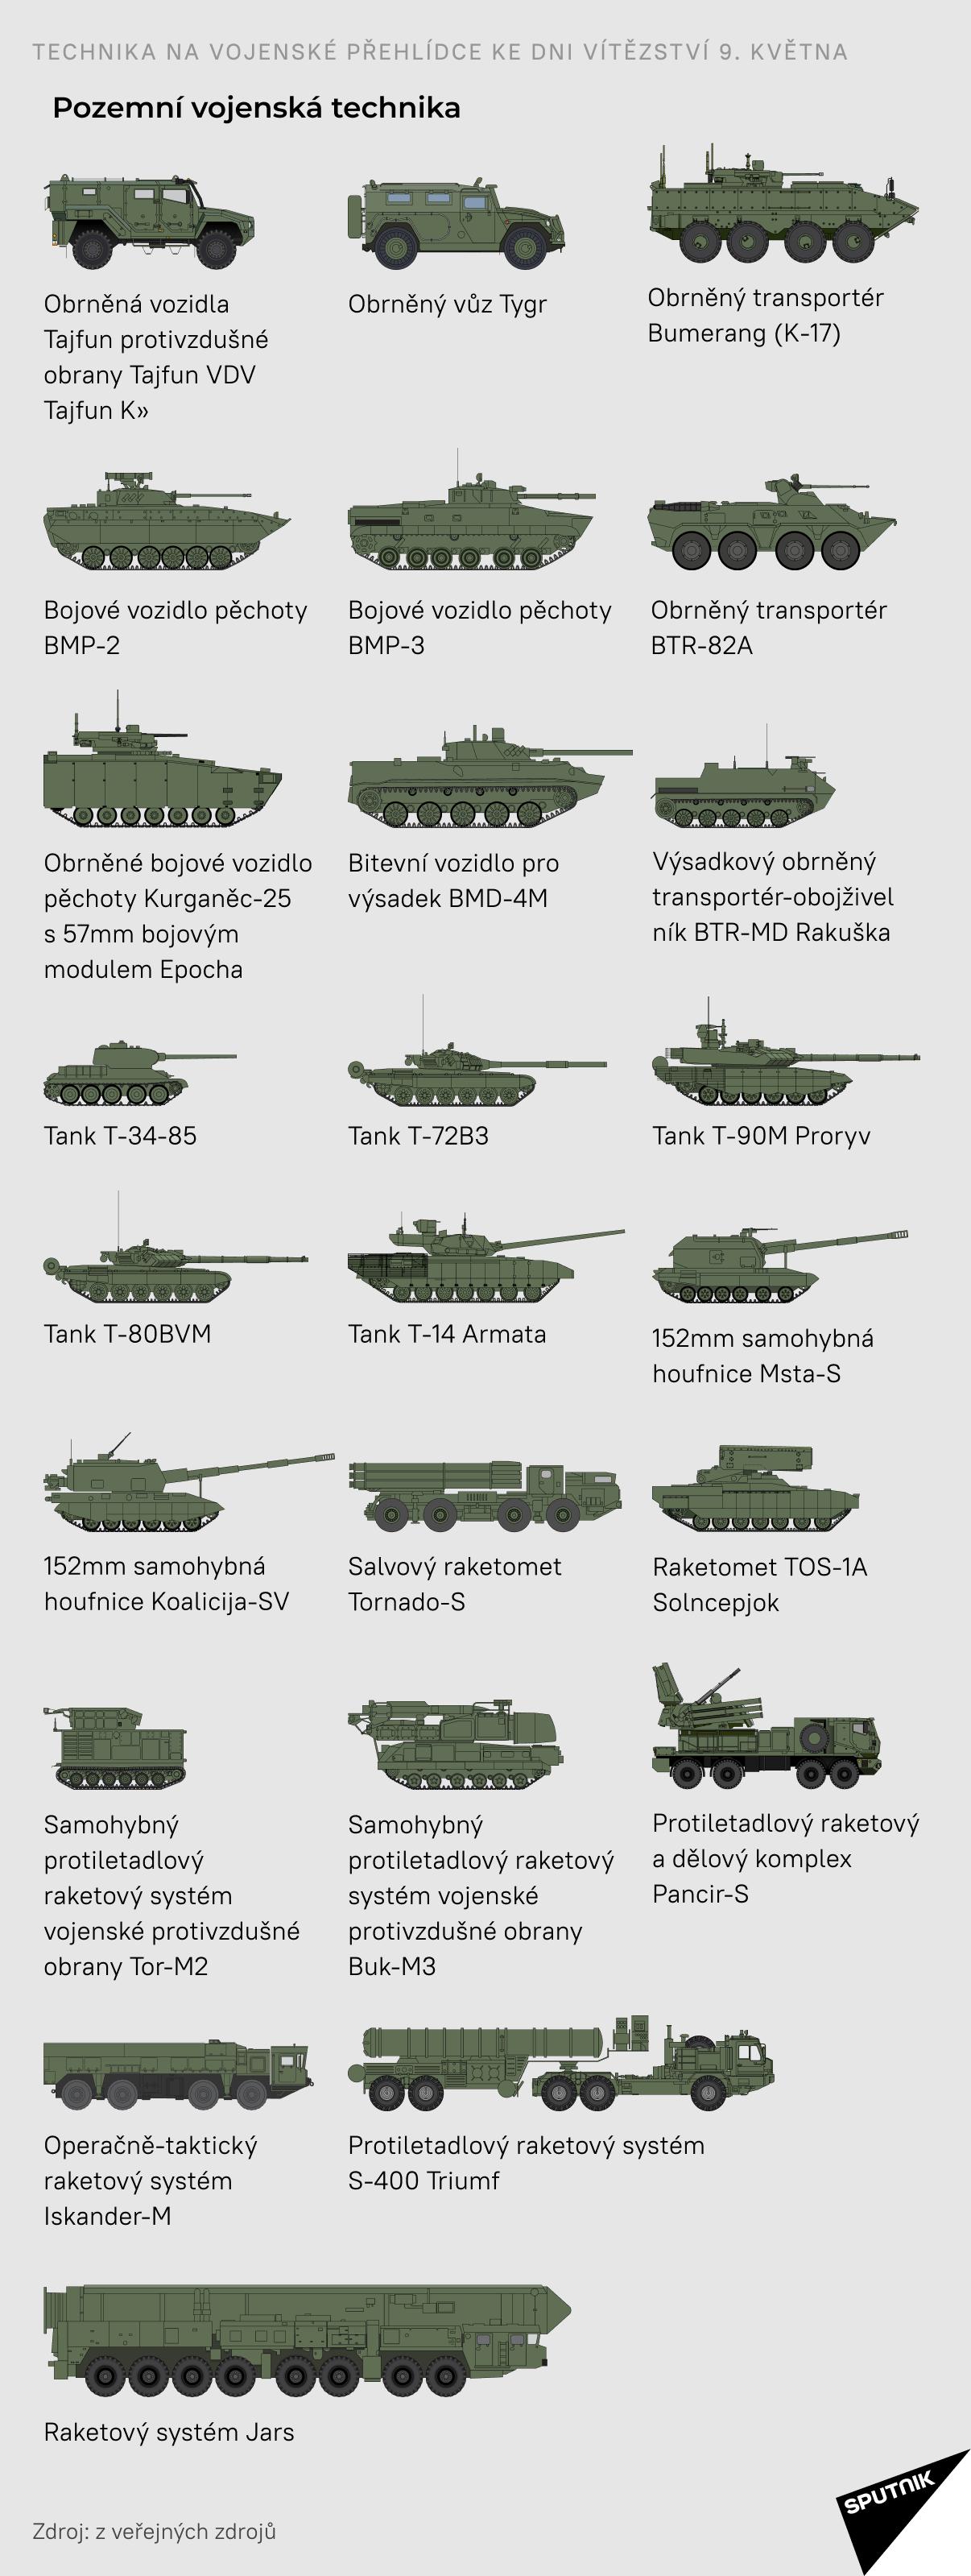 Pozemní vojenská technika - Sputnik Česká republika